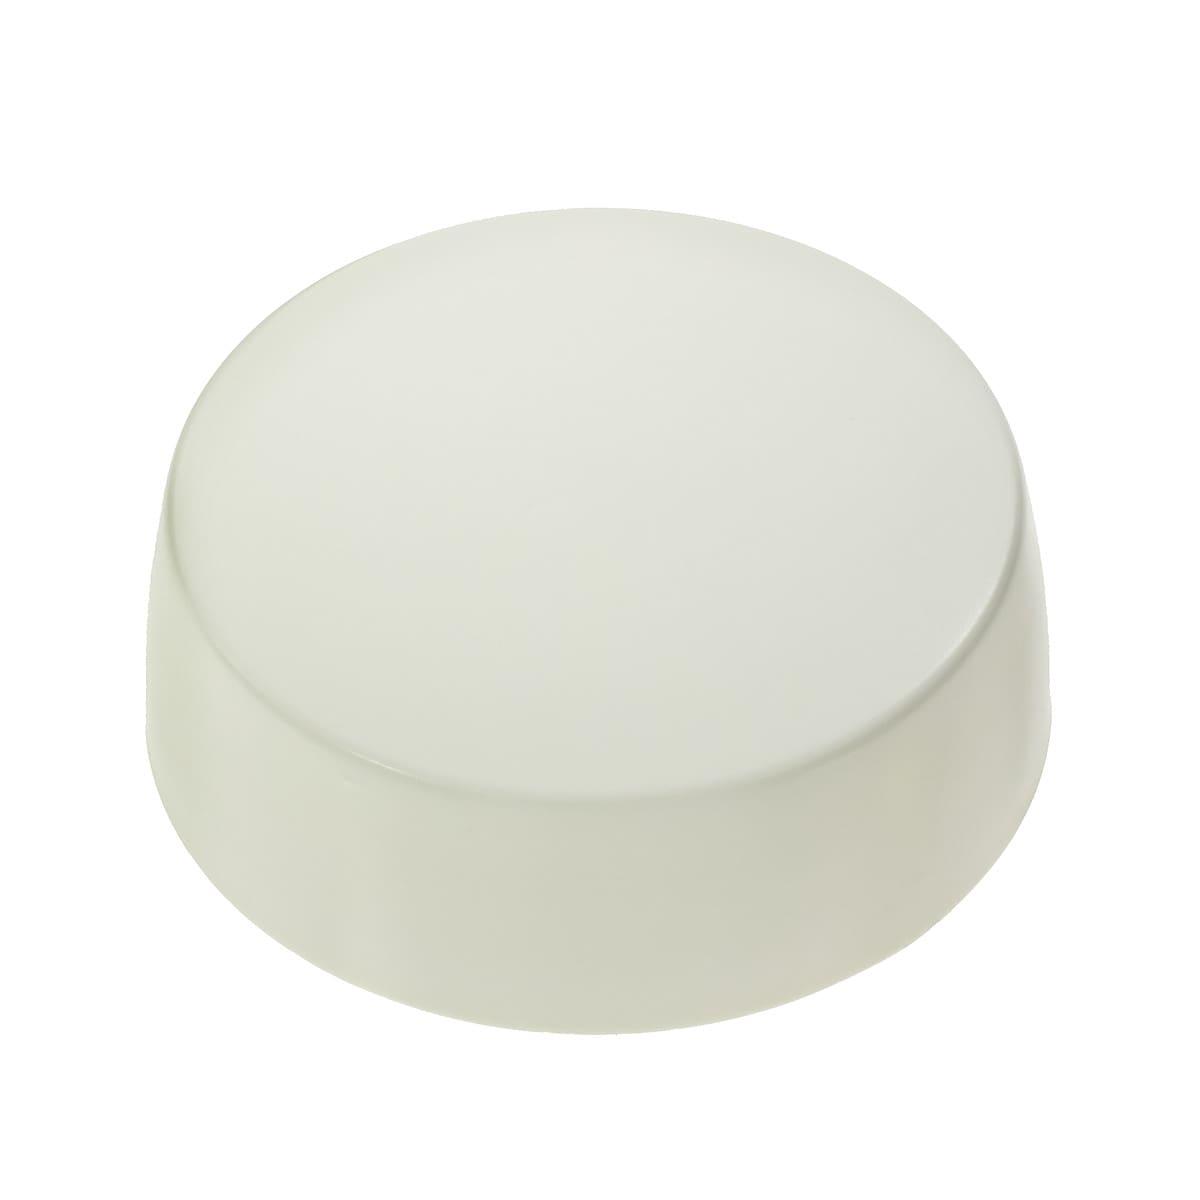 Drehknopf für den Dimmer Schneider Renova weiß